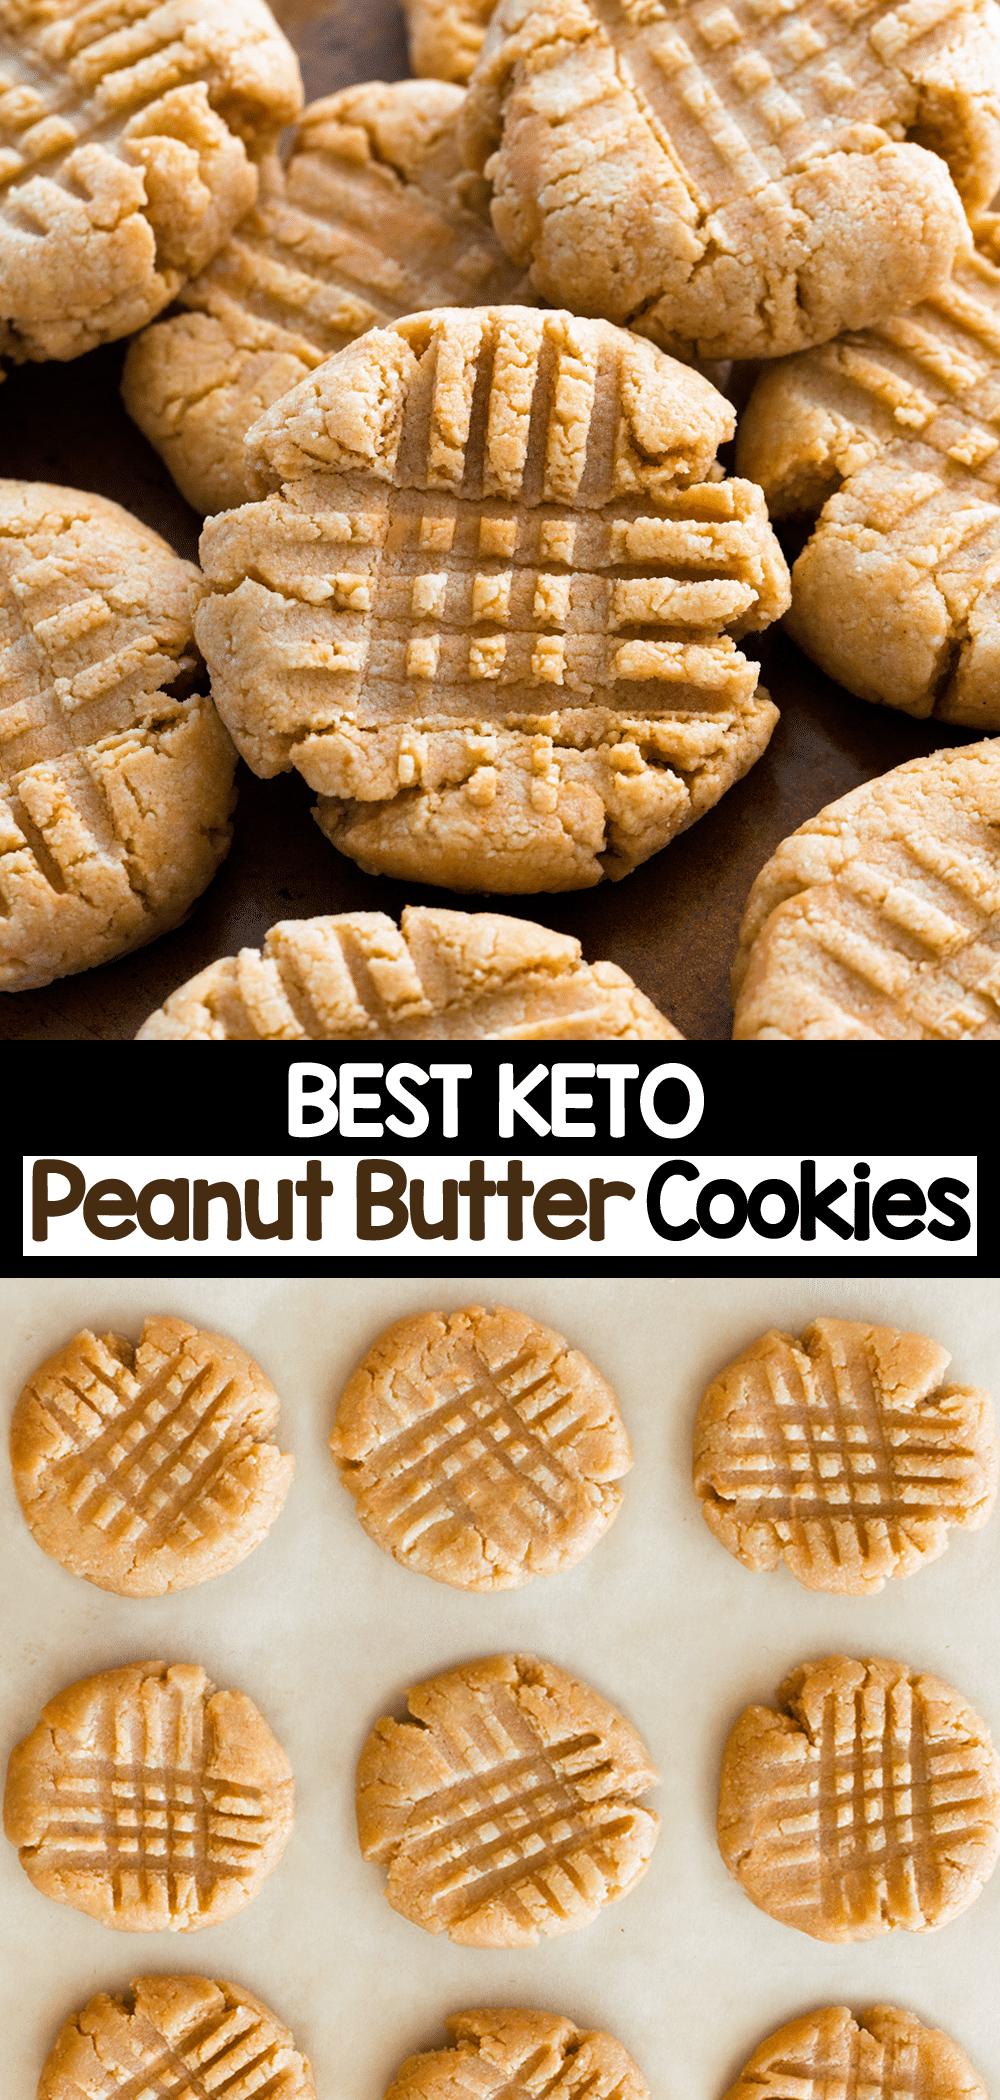 Biscoitos de manteiga de amendoim ceto - Katie com cobertura de chocolate 2